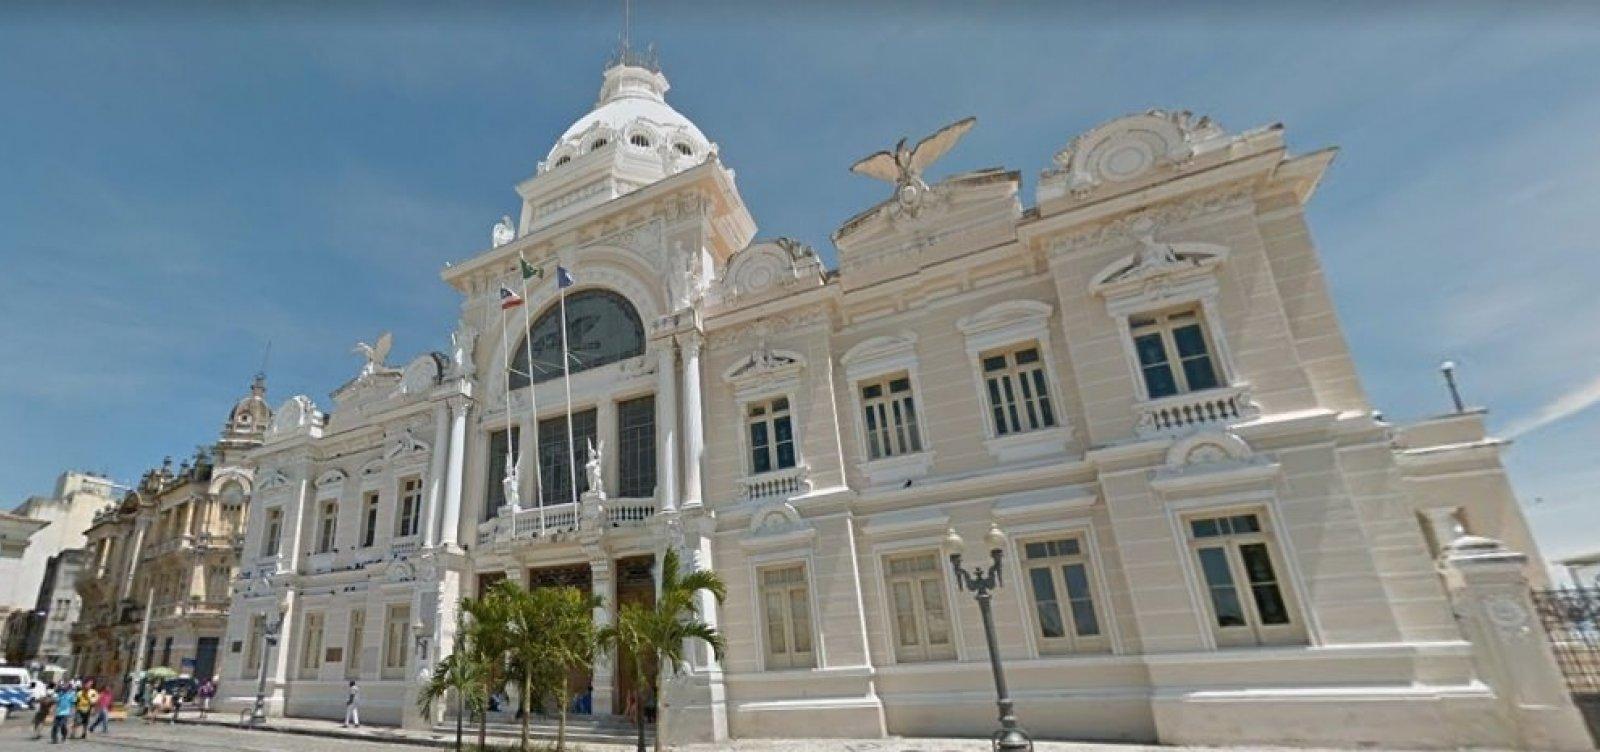 Governo baiano aceita proposta do Vila Galé para transformar Palácio Rio Branco em hotel